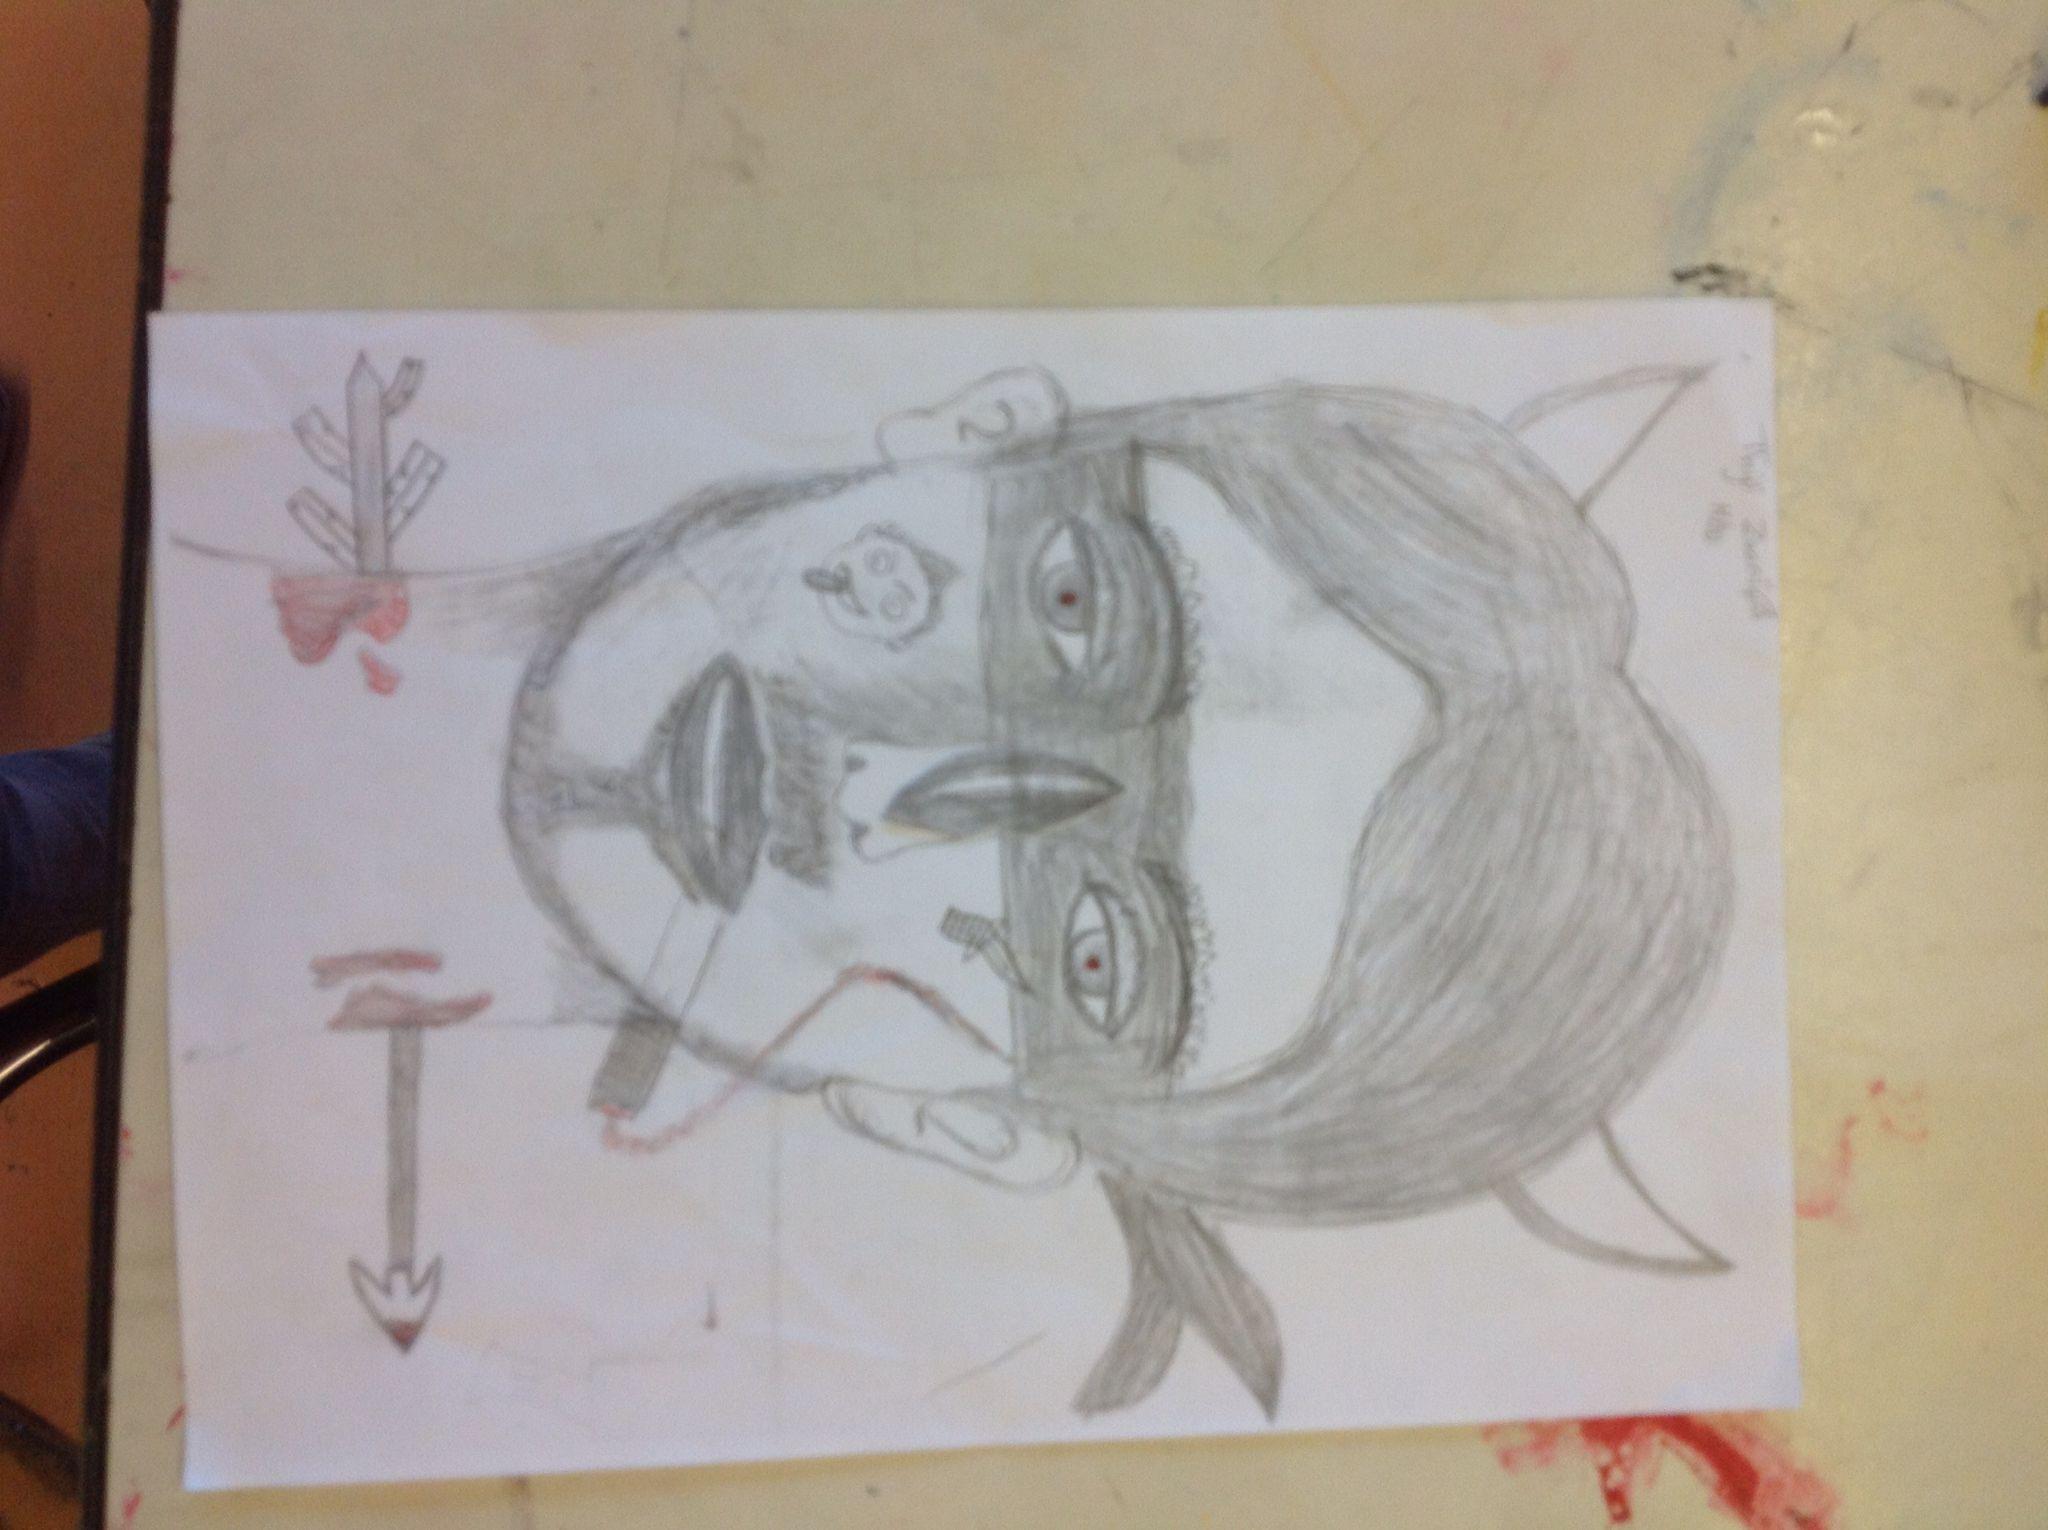 Mijn zelf portret is ver gekt.